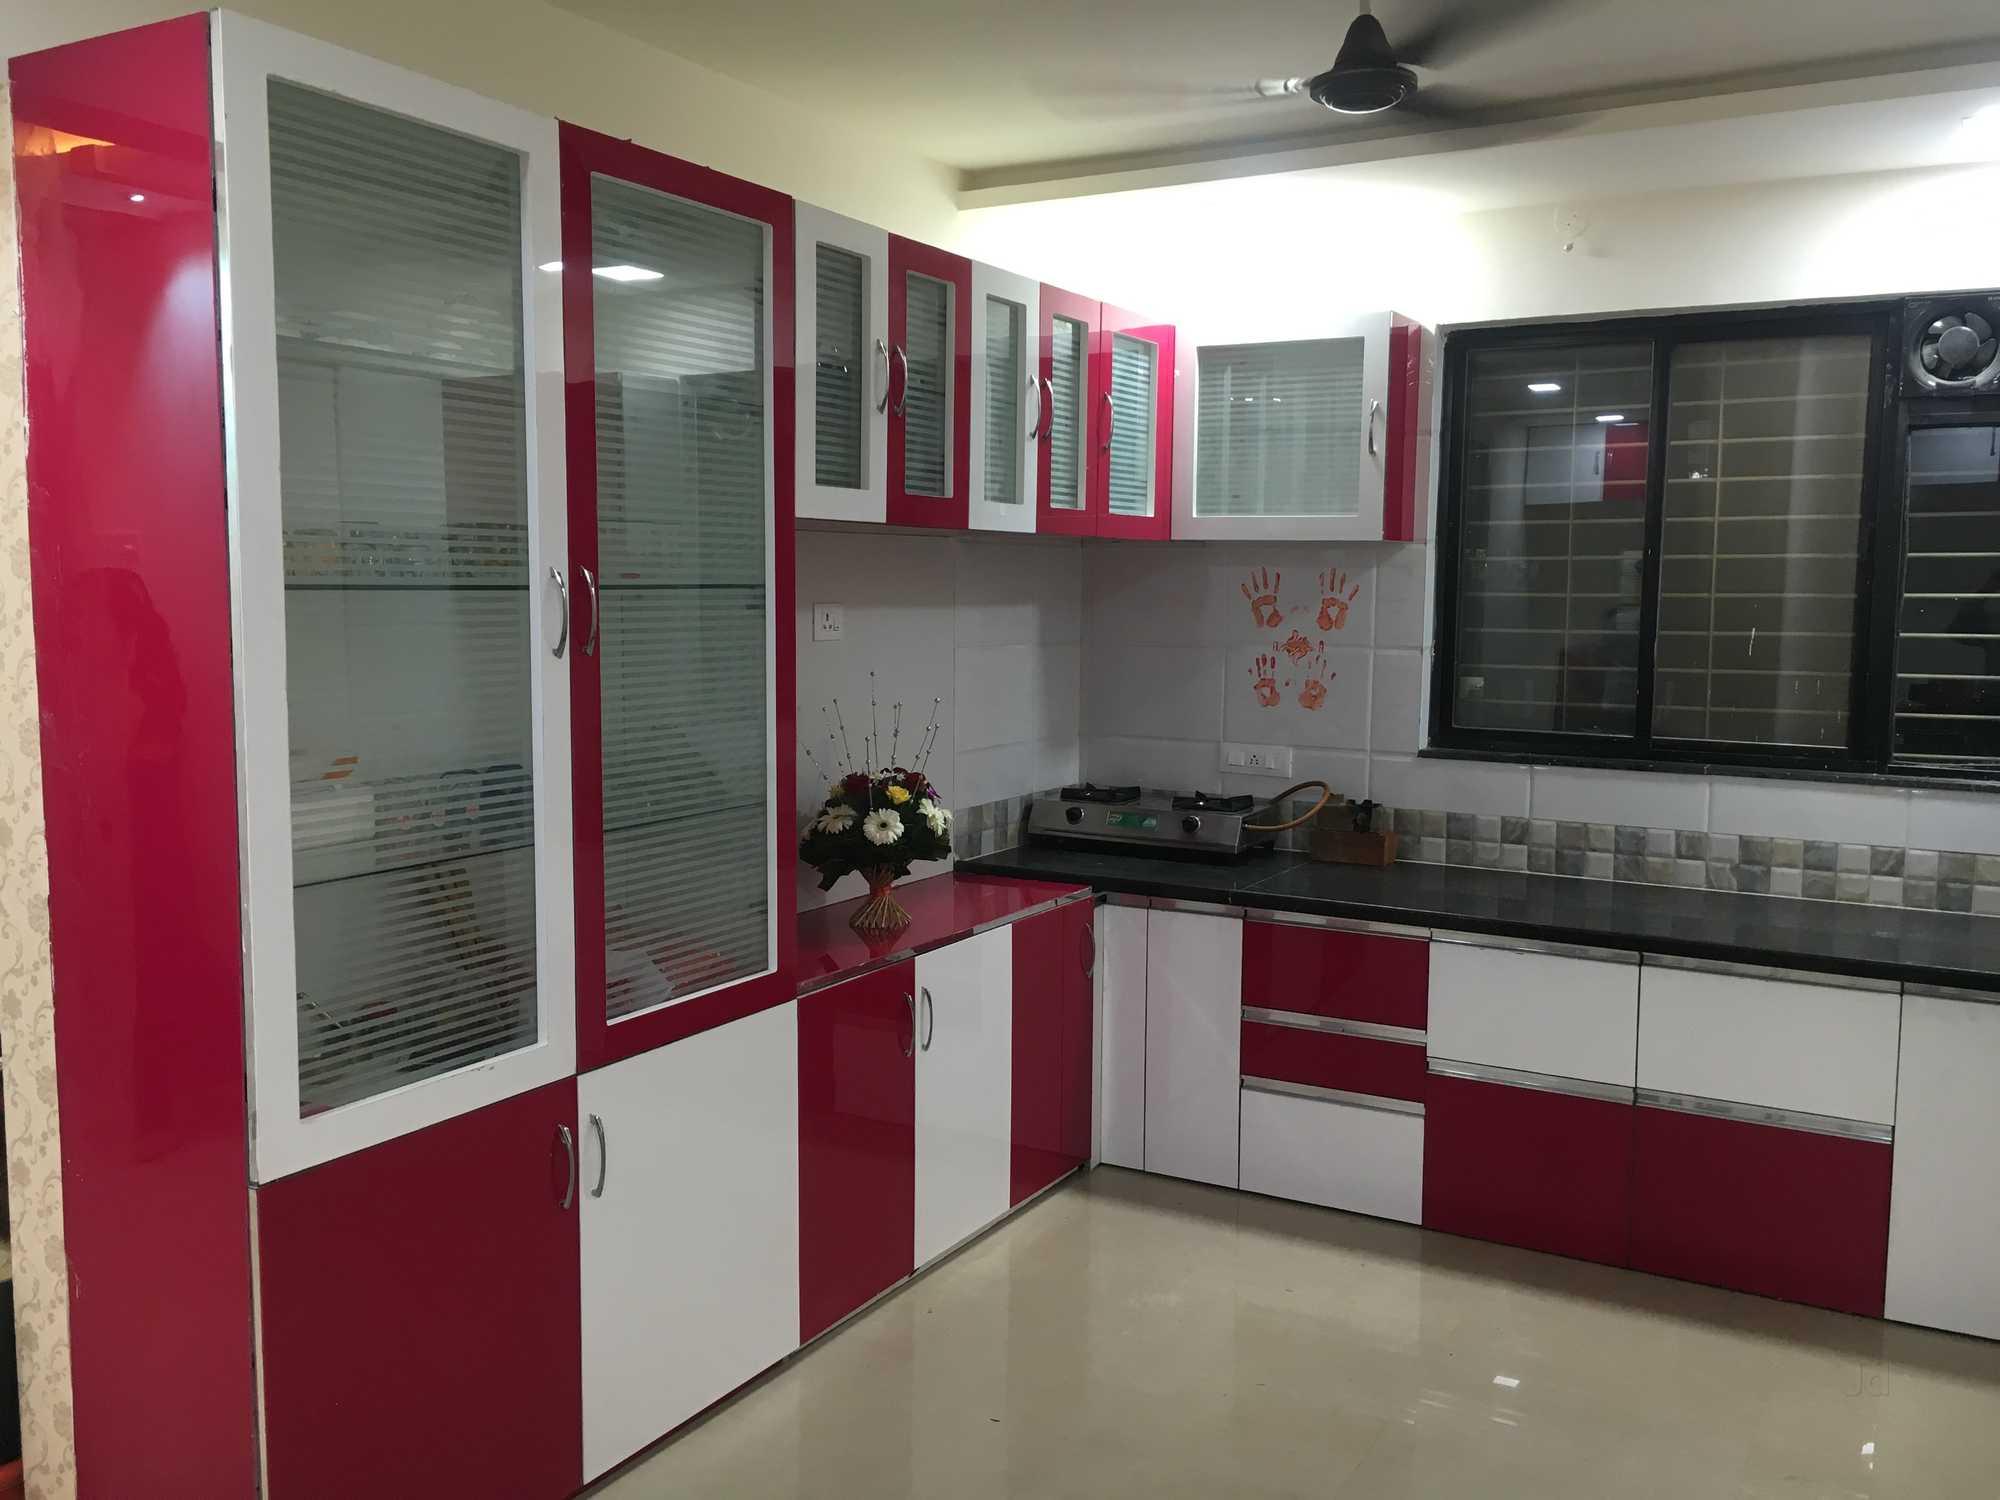 Catalogue Nectar Modular Kitchen And Furniture In Indrani Nagar Bhosari Pune Justdial